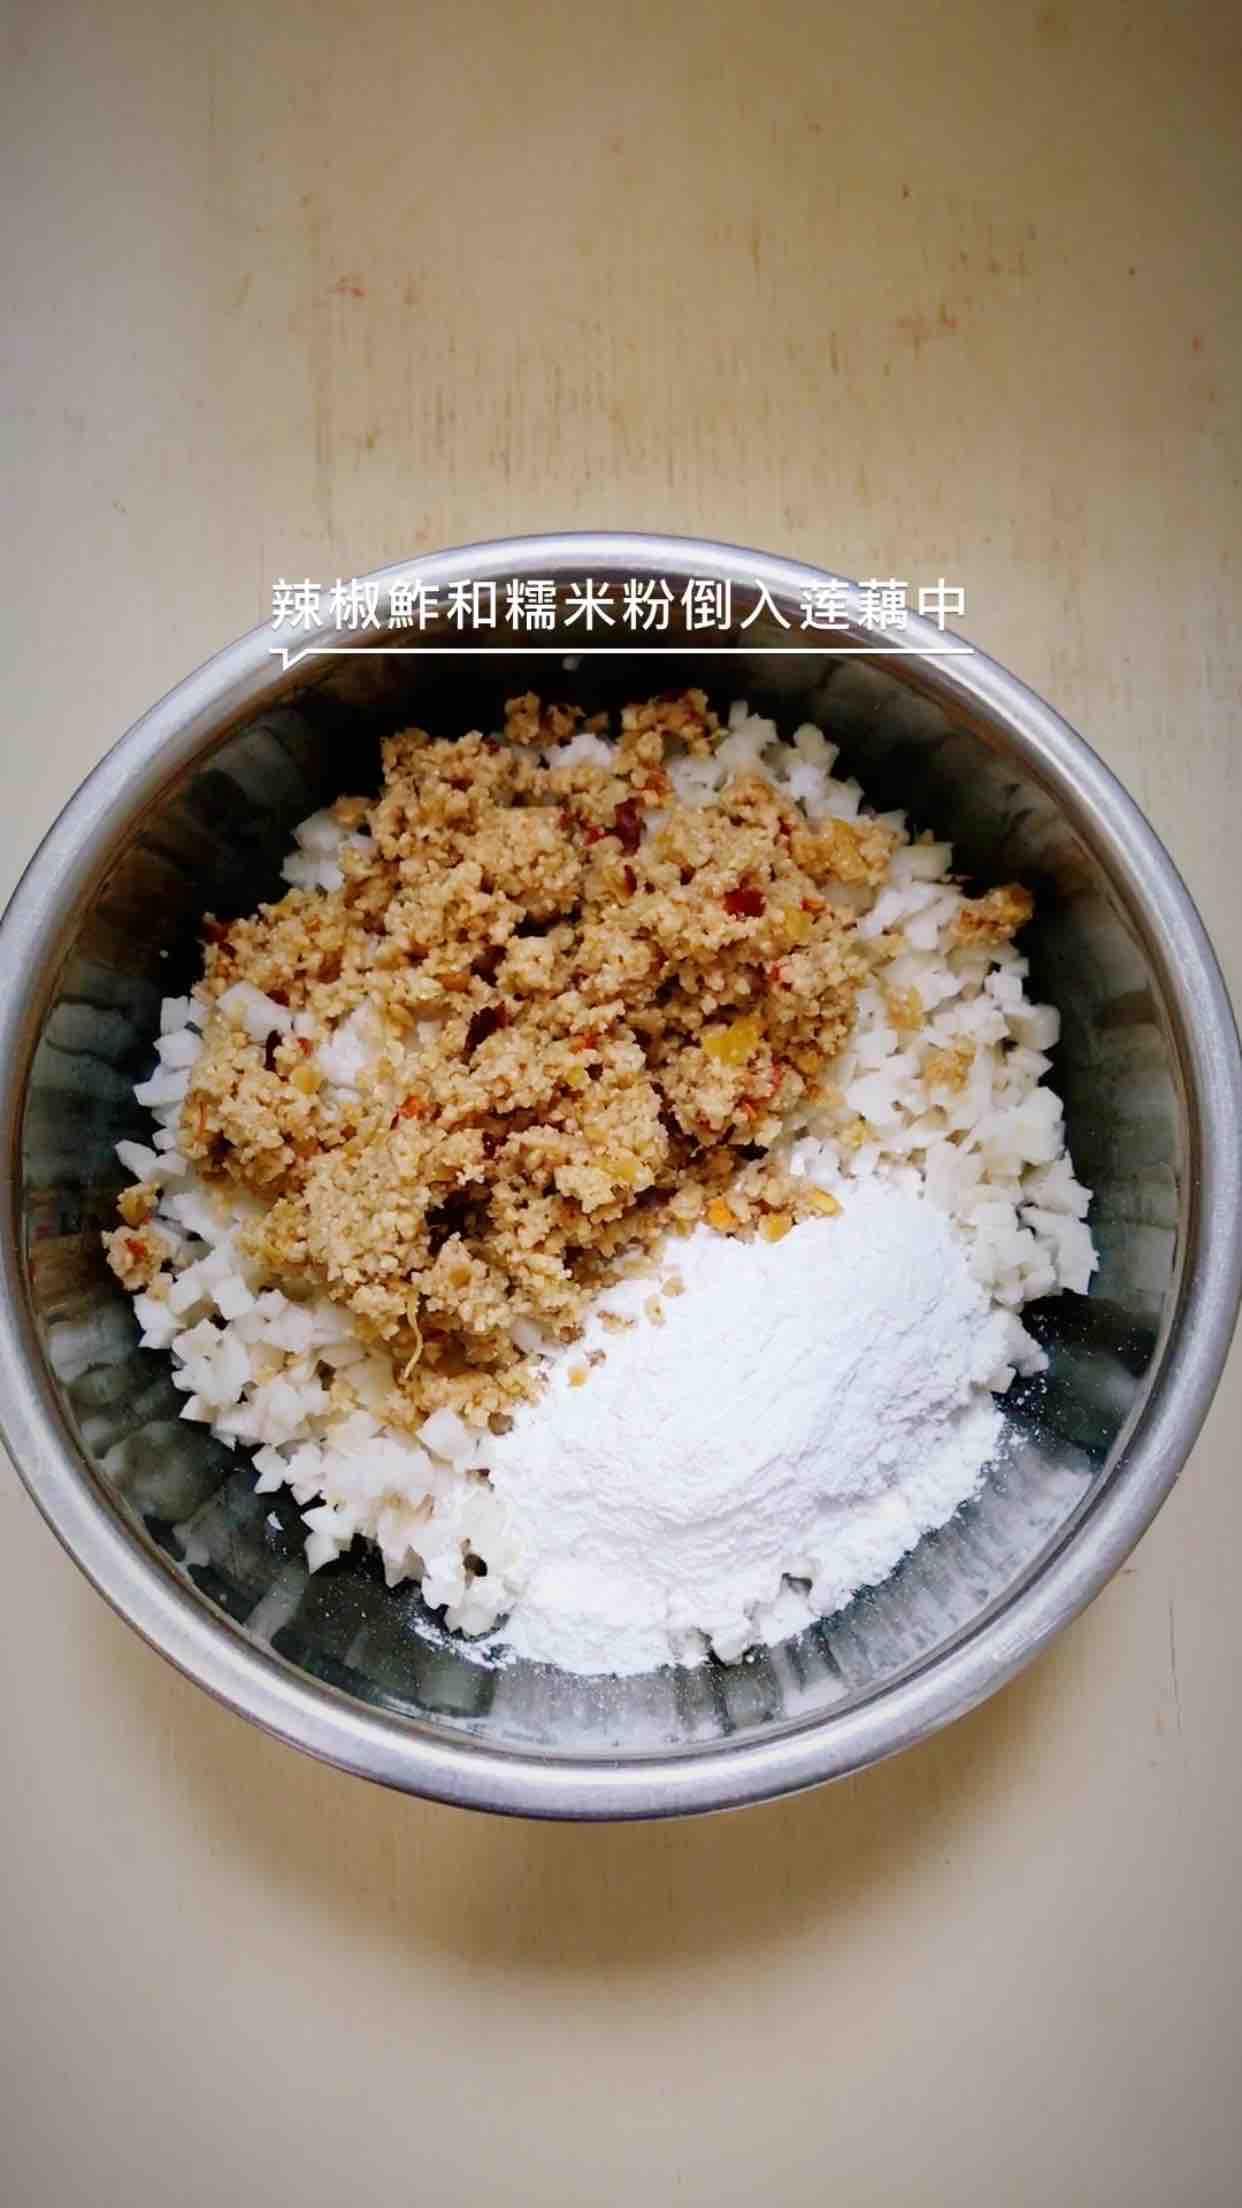 糯鮓藕饼怎么炒